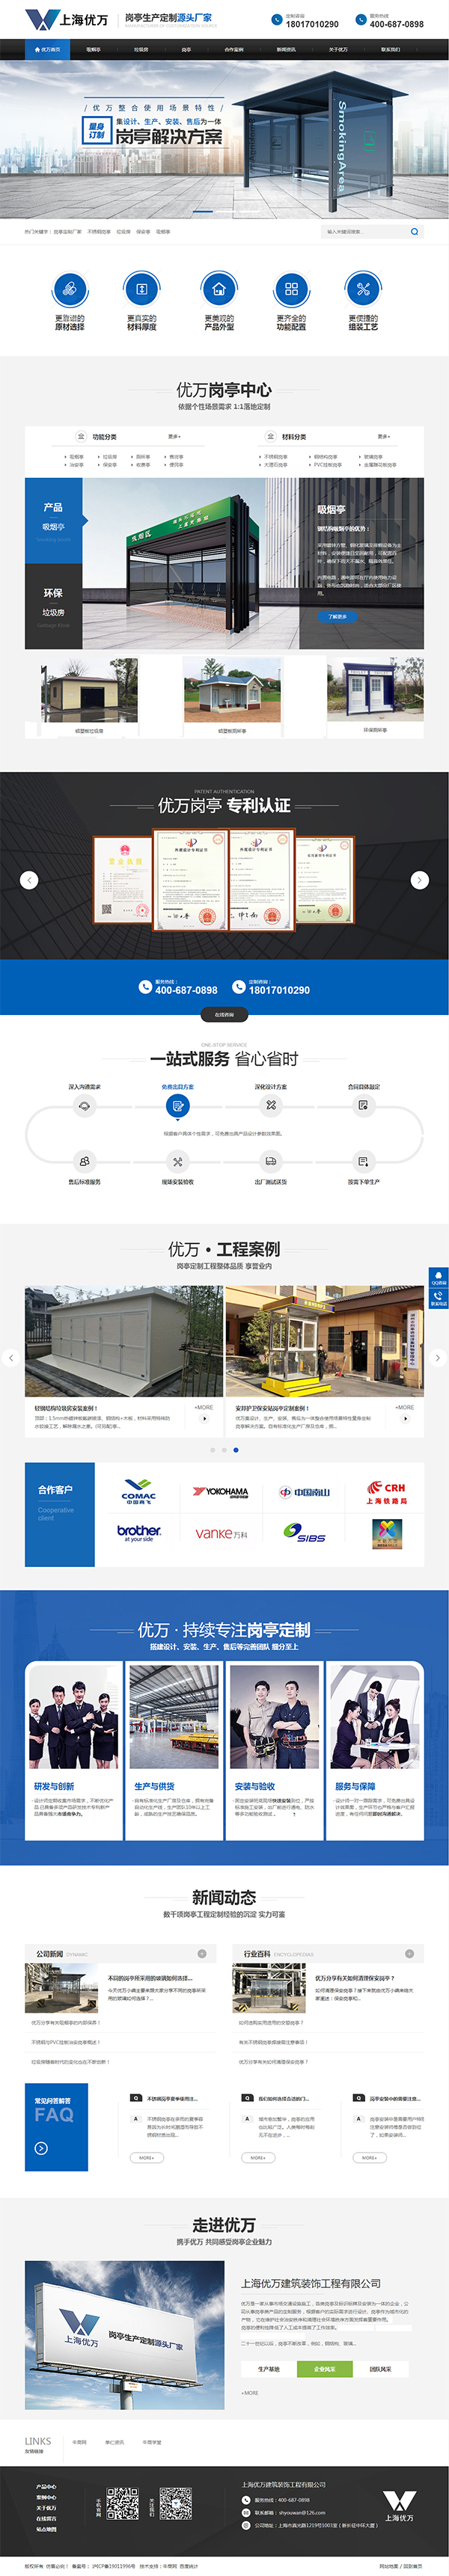 优万建筑装饰工程-龙8国际龙88型龙8国际官网首页首页截图